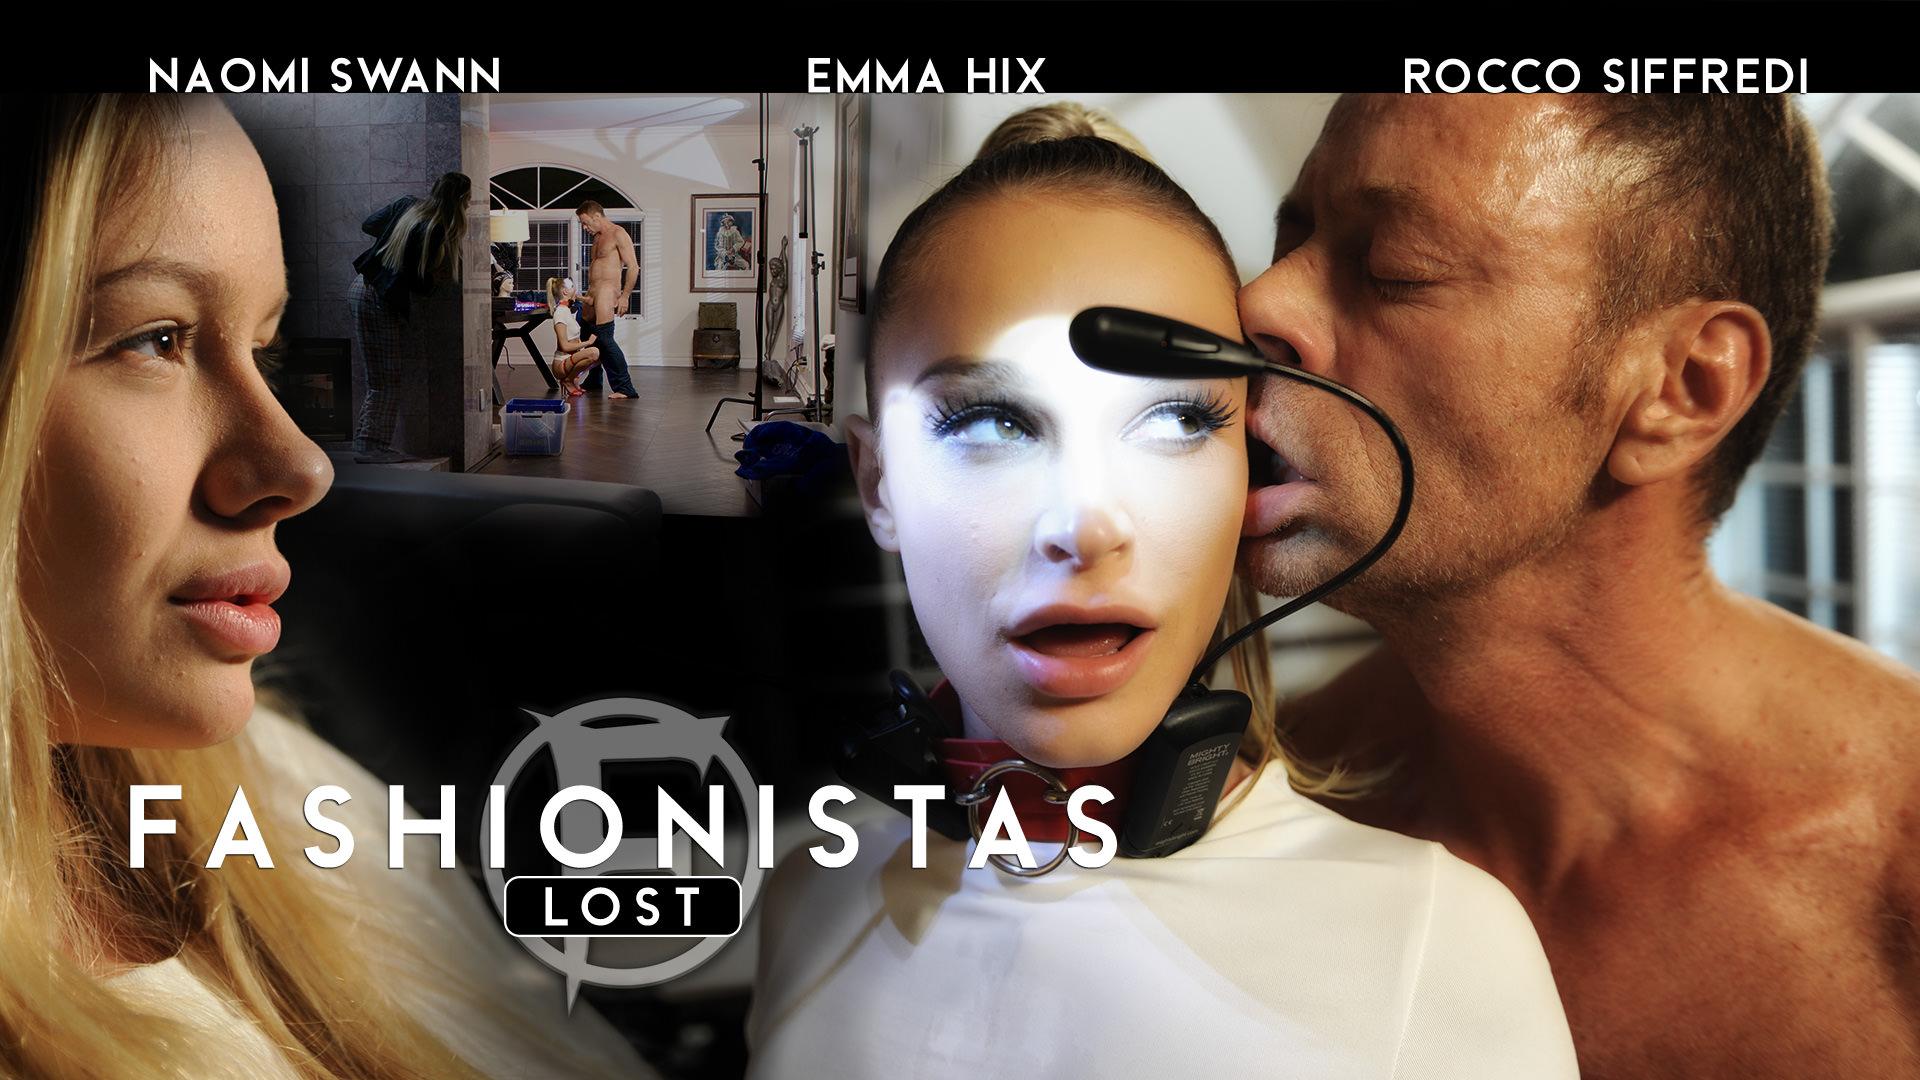 Fashionistas - Lost - Rocco Siffredi & Emma Hix & Naomi Swann 1